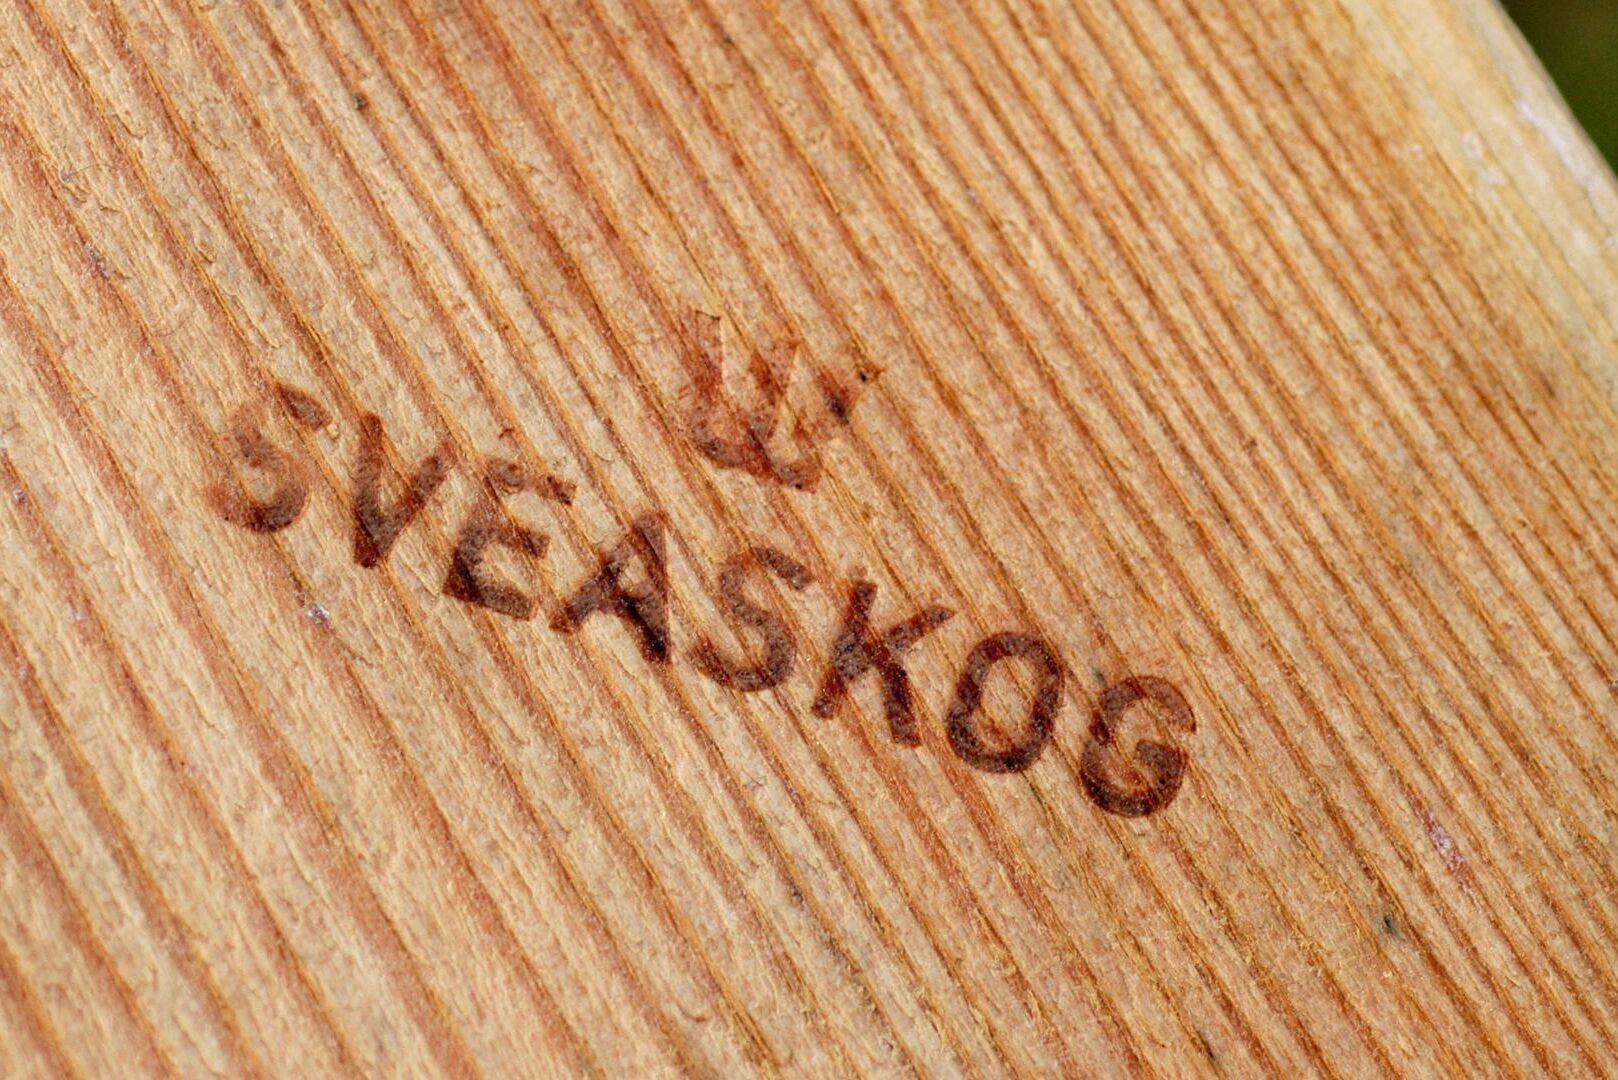 Sveaskog äger 14 procent av Sveriges skogsmark och är därmed Sveriges största skogsägare.